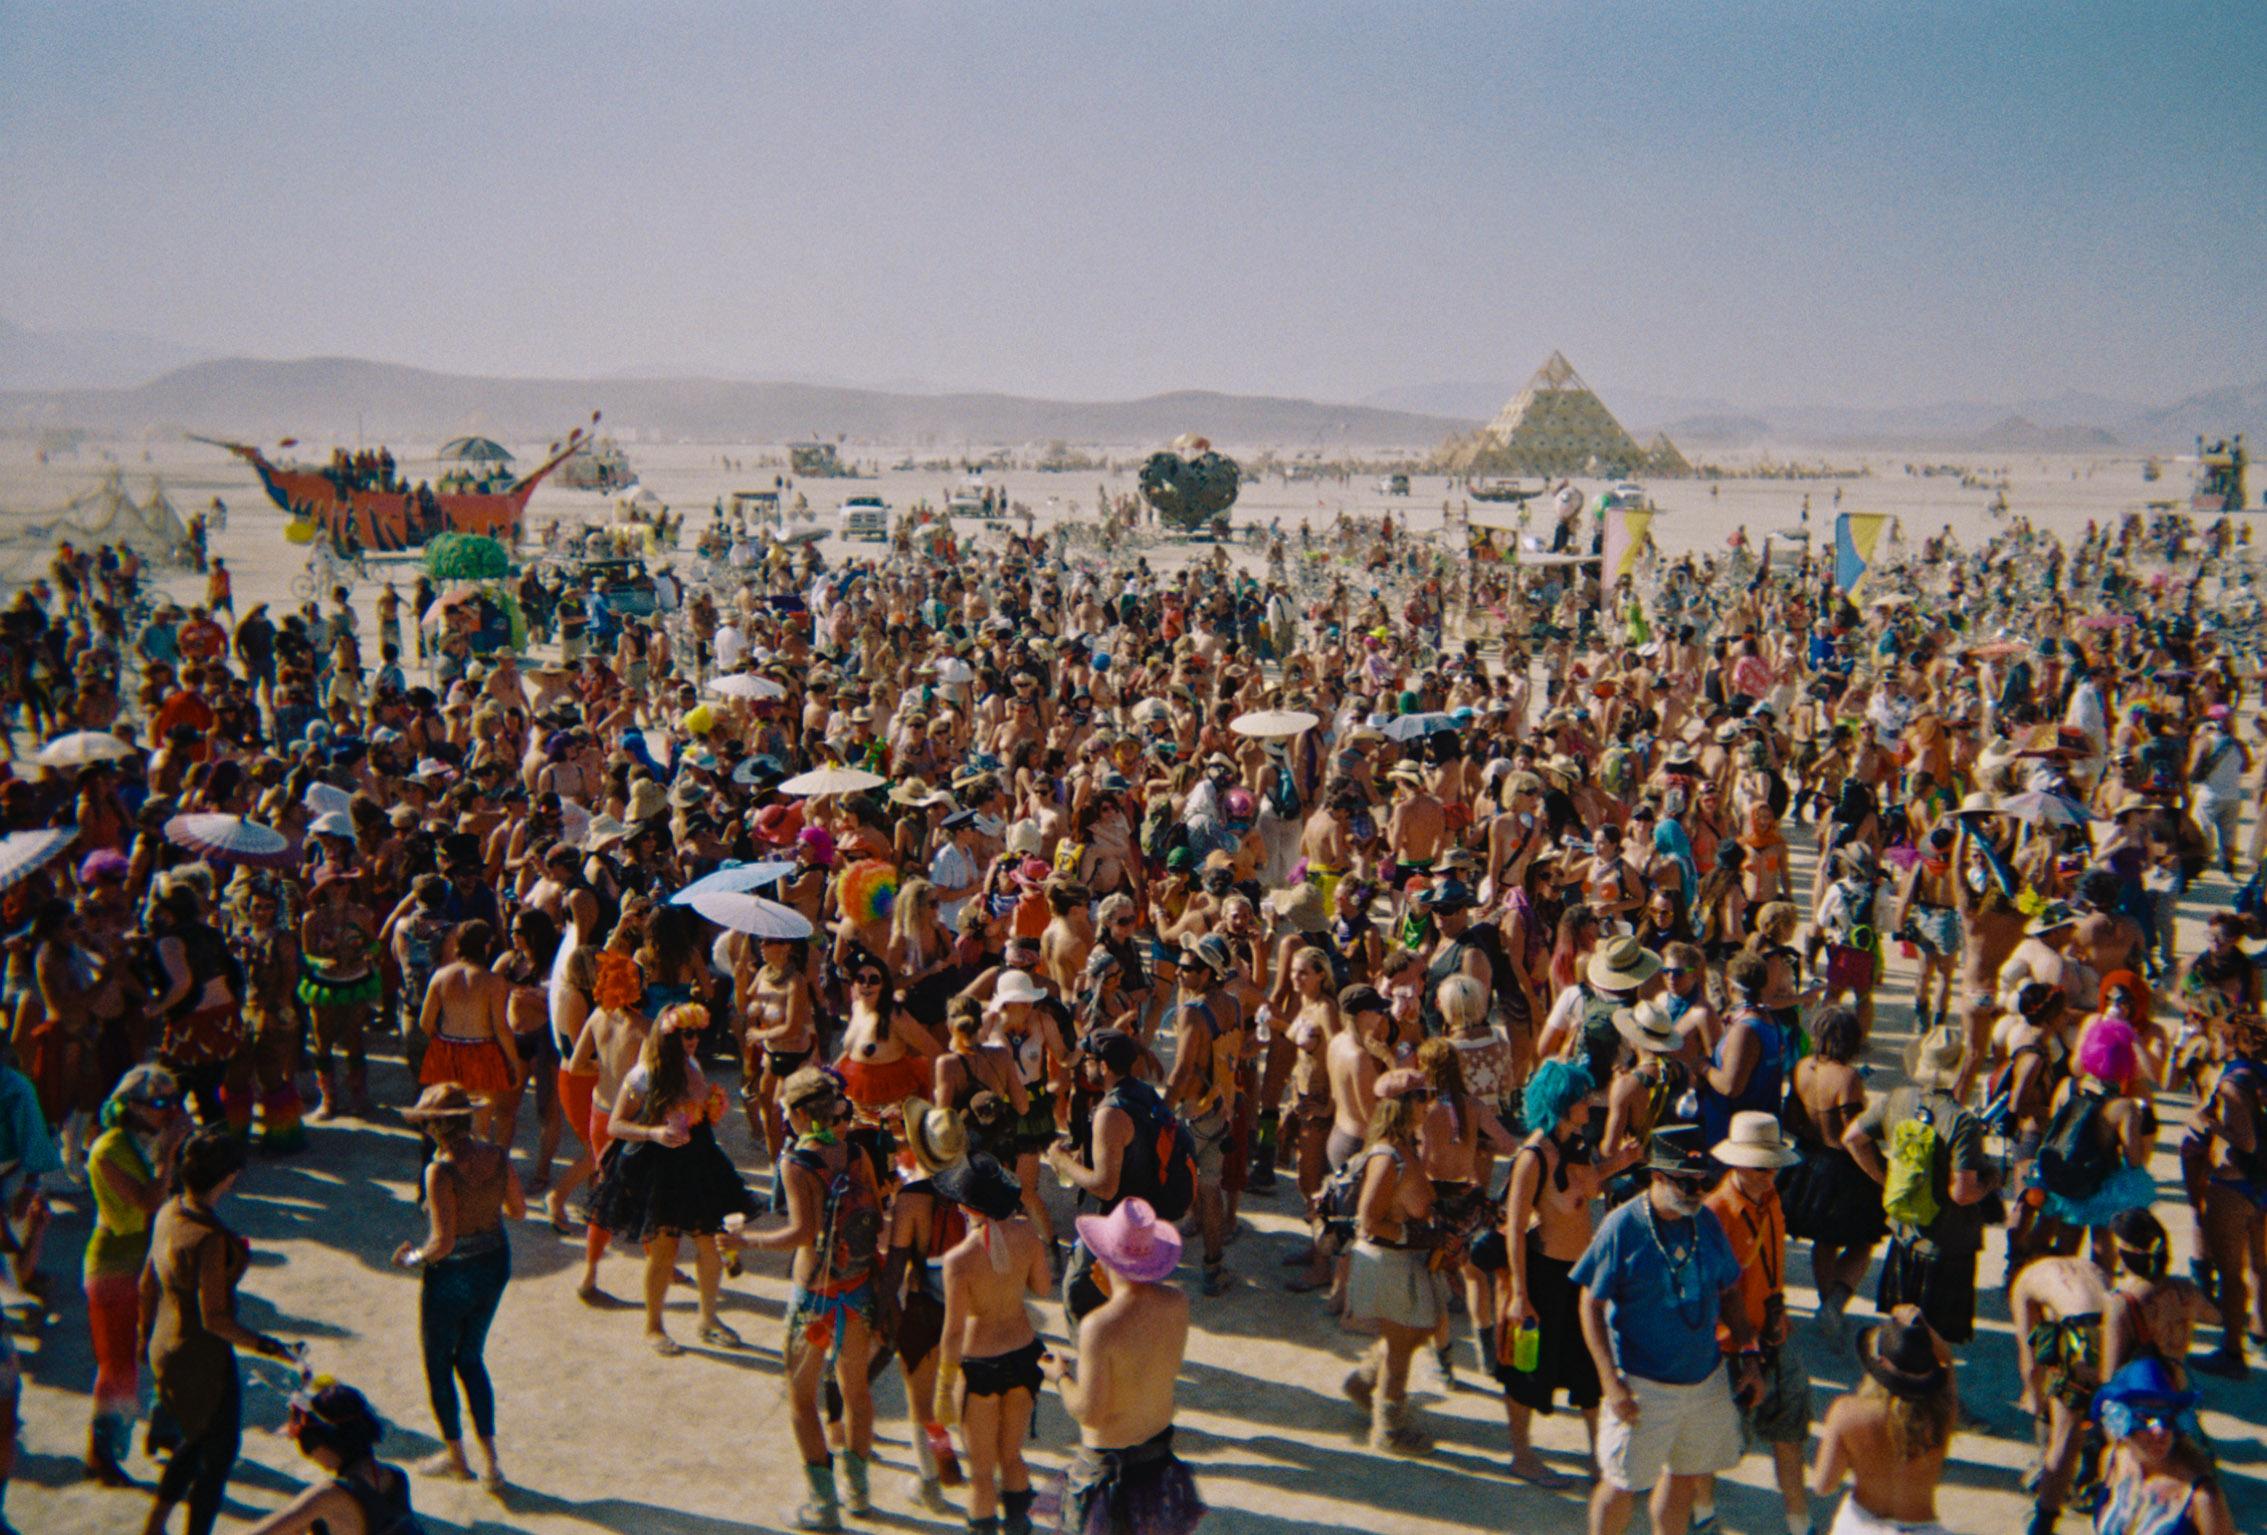 Magic of Burning Man